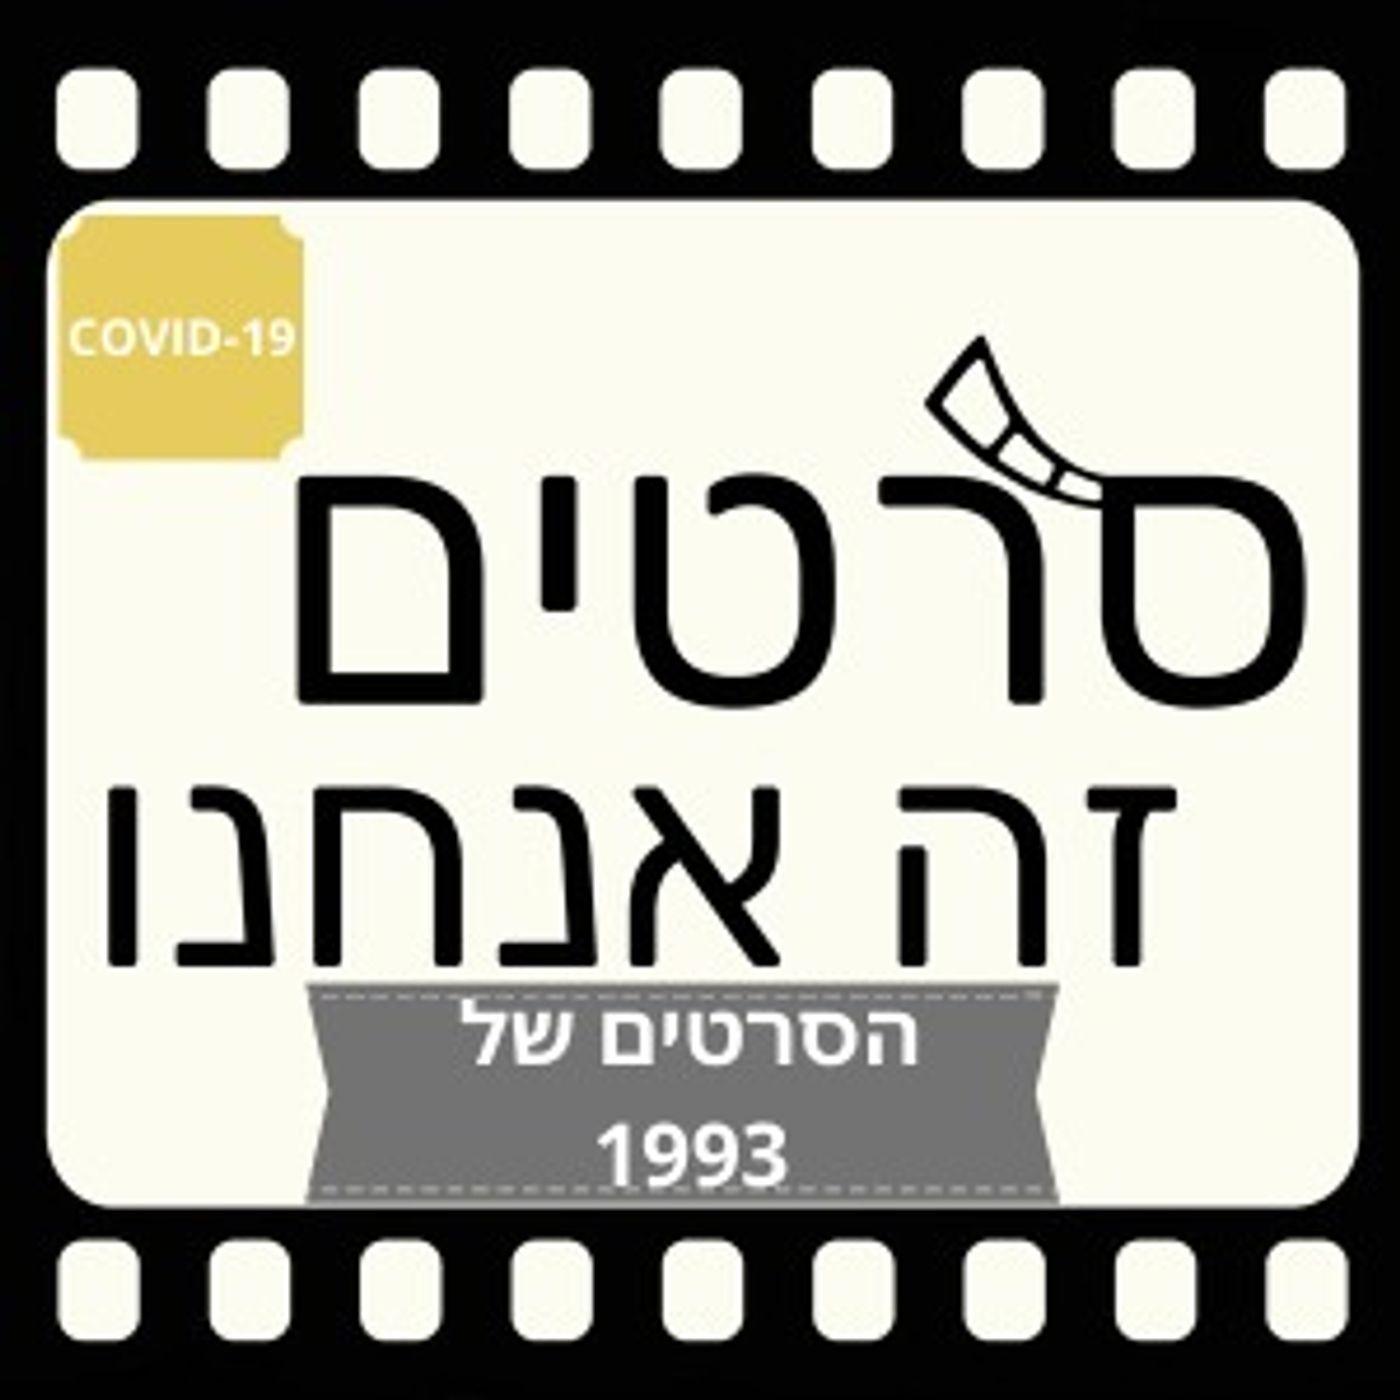 מדברים על הסרטים של 1993 (ספיישל קורונה 13)- הפעם עם הקובץ